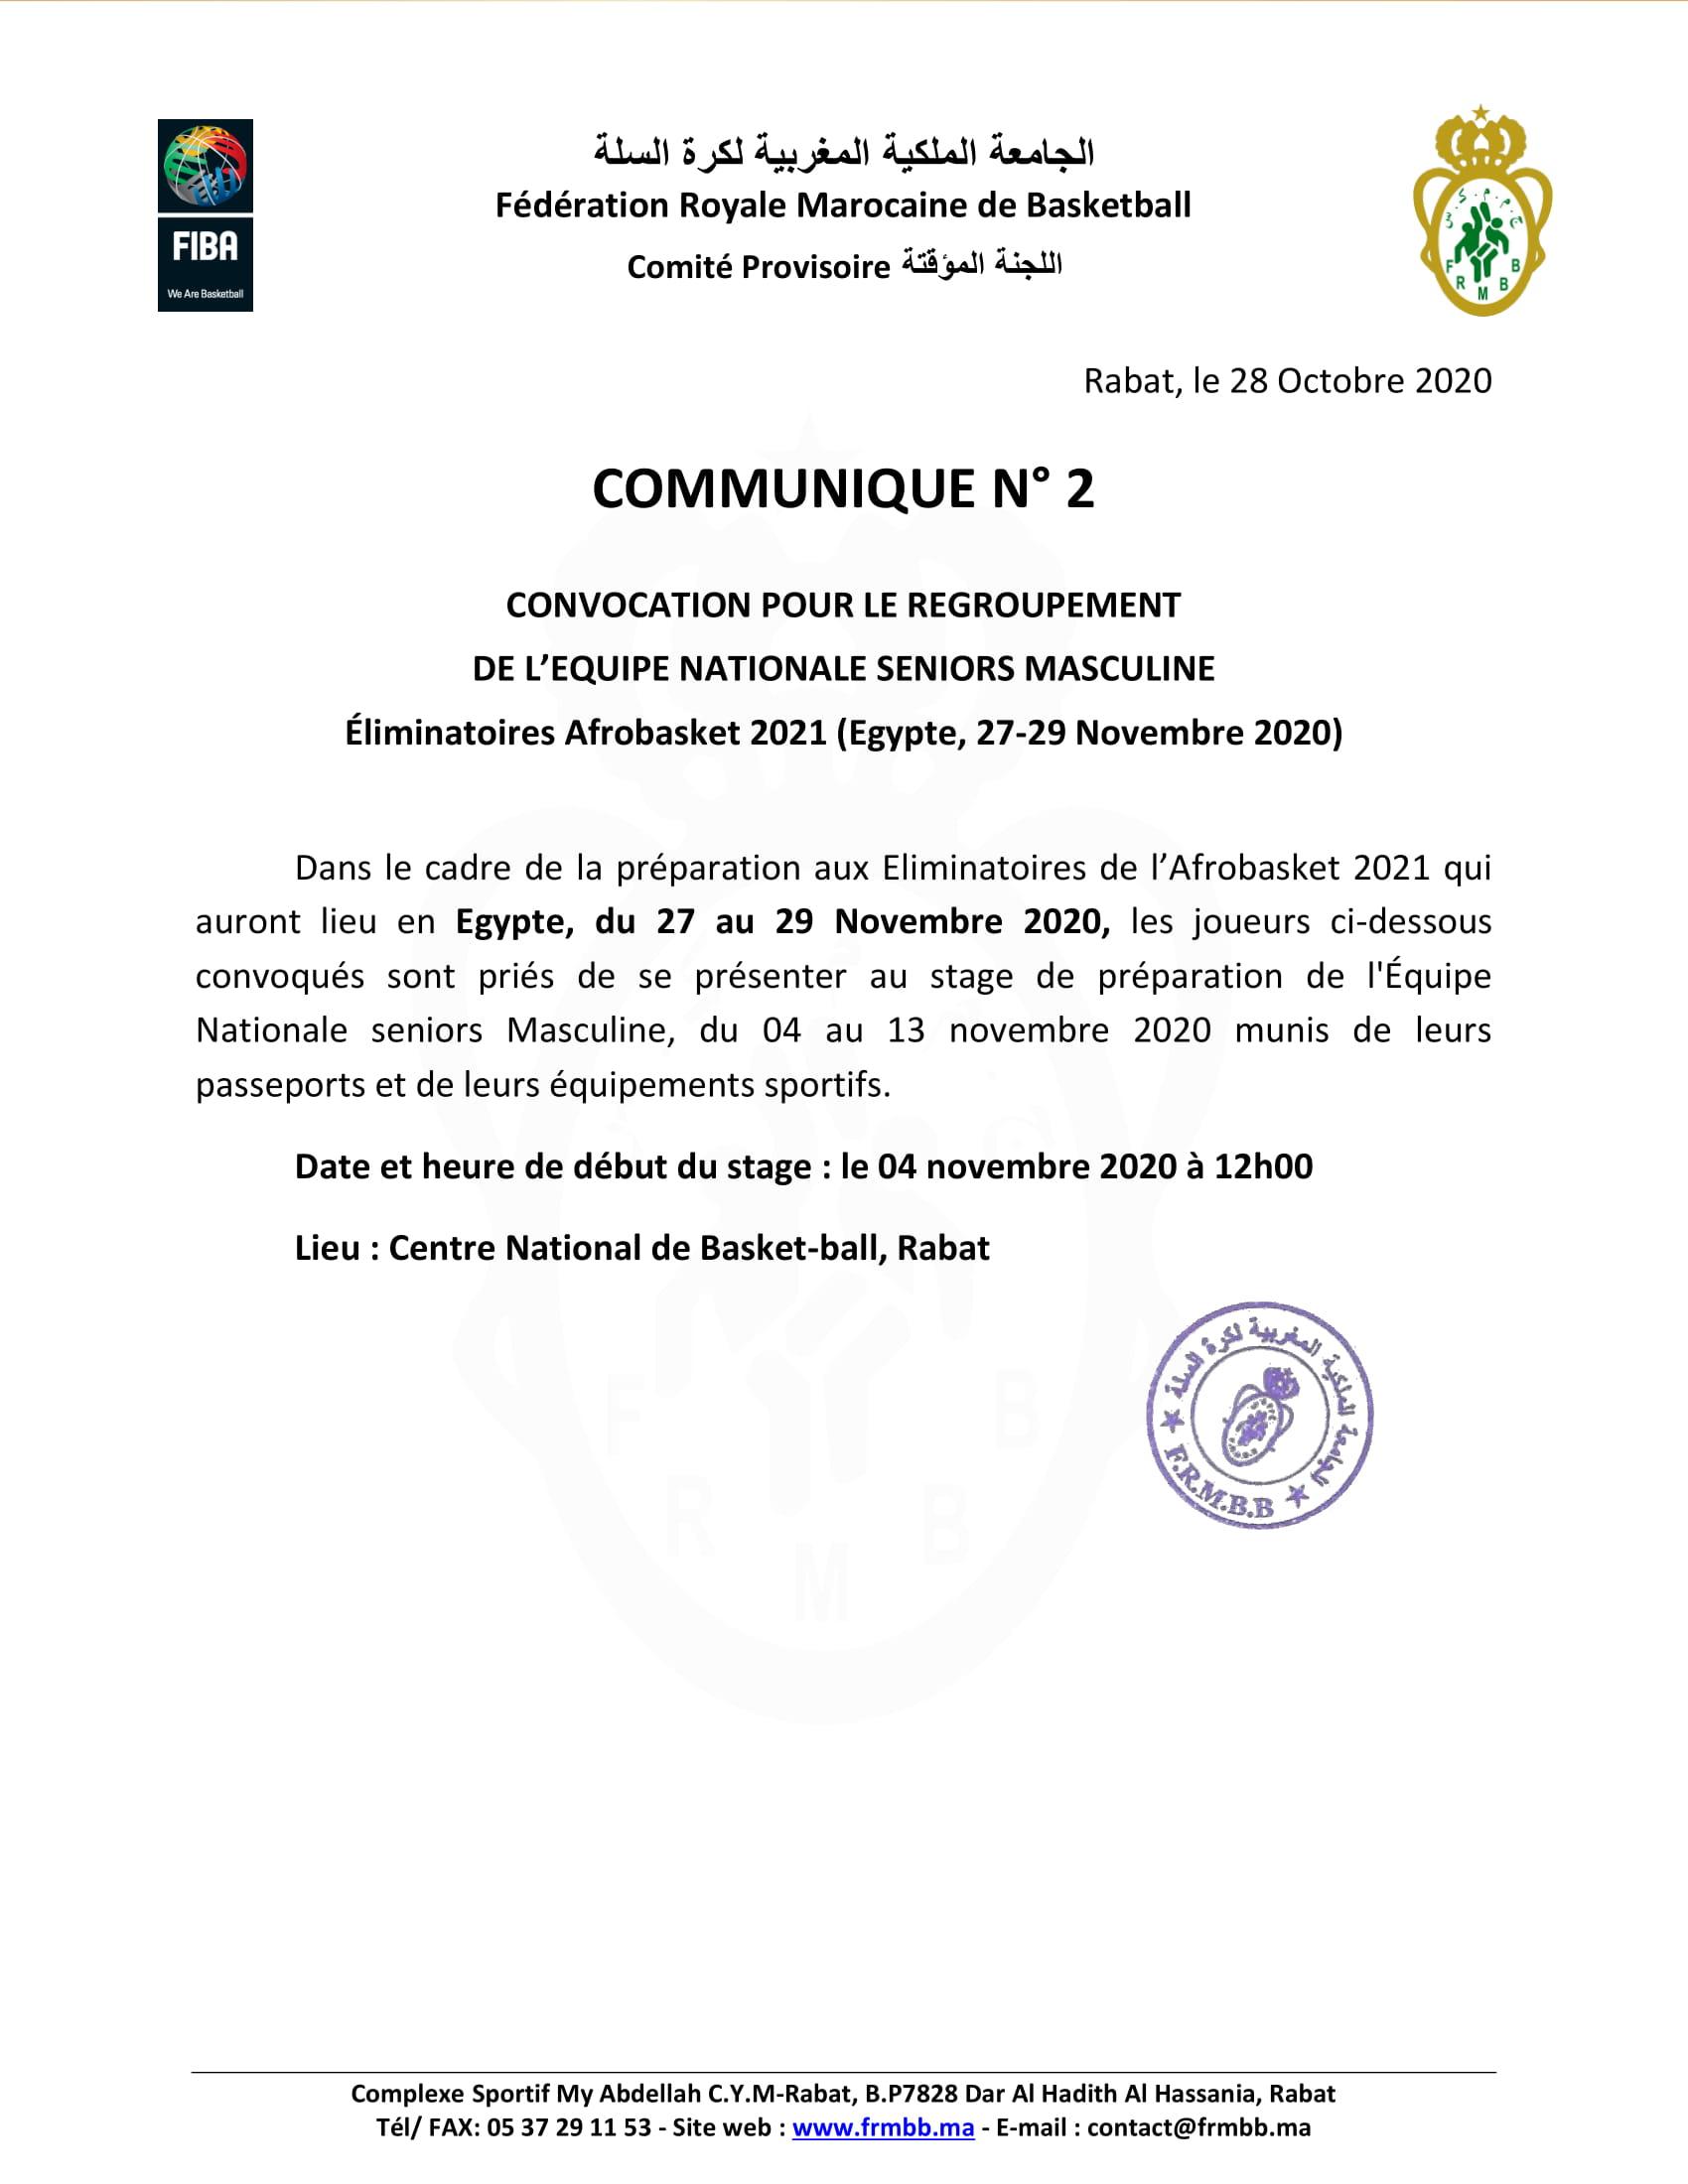 COMMUNIQUE N° 2 (stage de préparation ENSM, Afrobasket Egypte Novembre 2020) Rabat du 04 au 13.11.2020-1